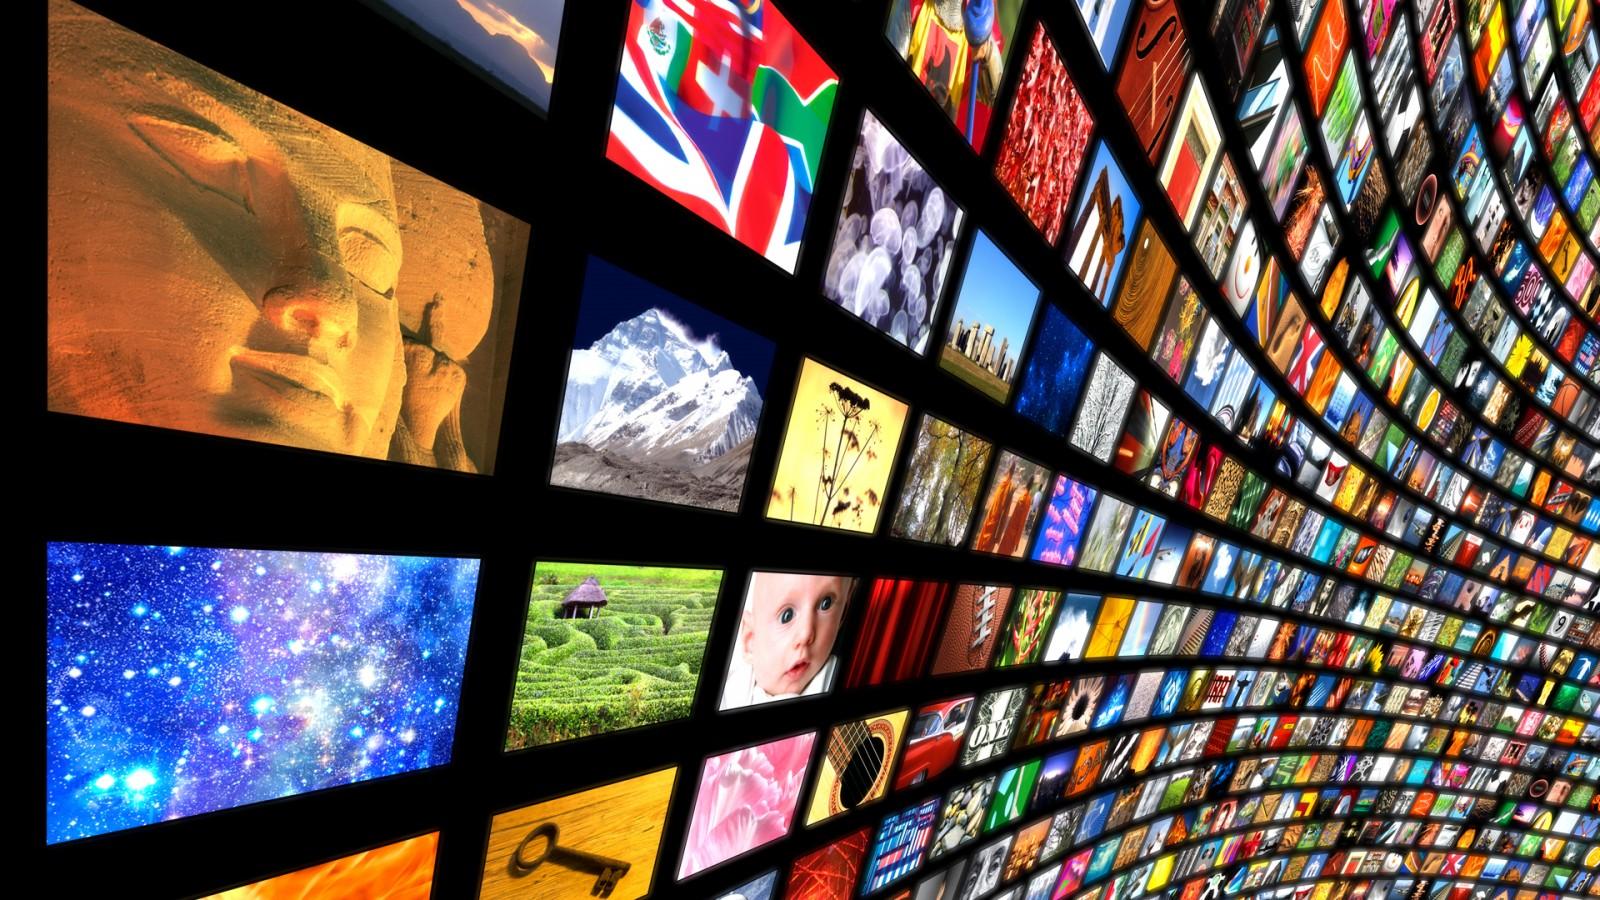 Шість українських телеканалів порушили мовний закон - омбудсмен